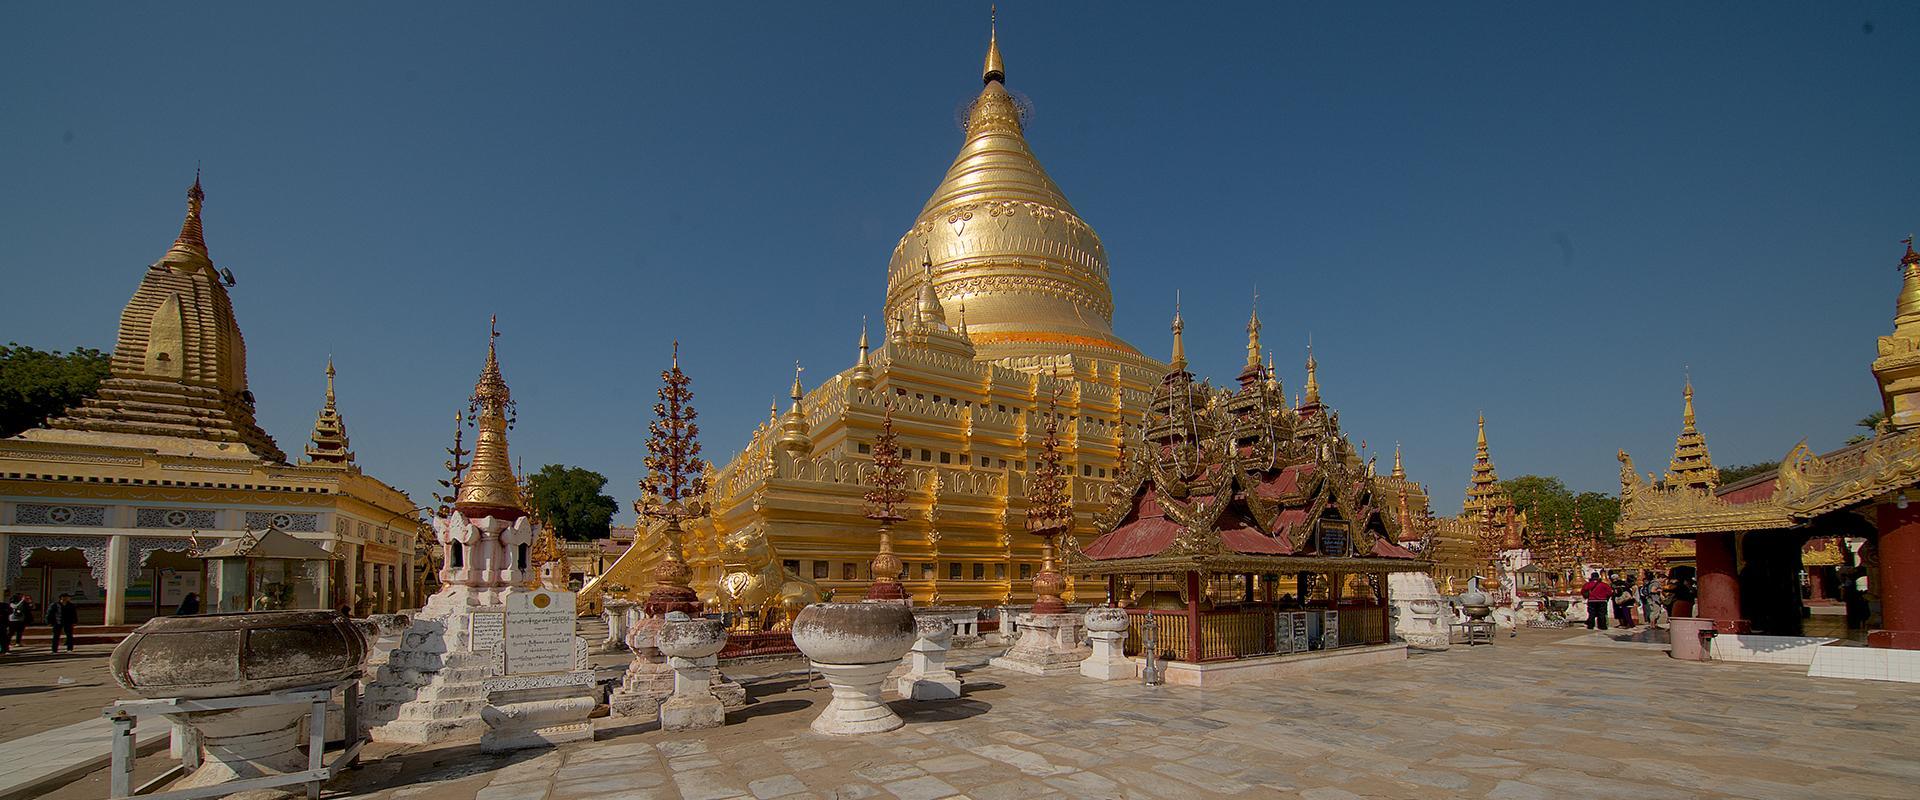 Cees Rijnen met Irix Blackstone 11mm/f4  in Myanmar